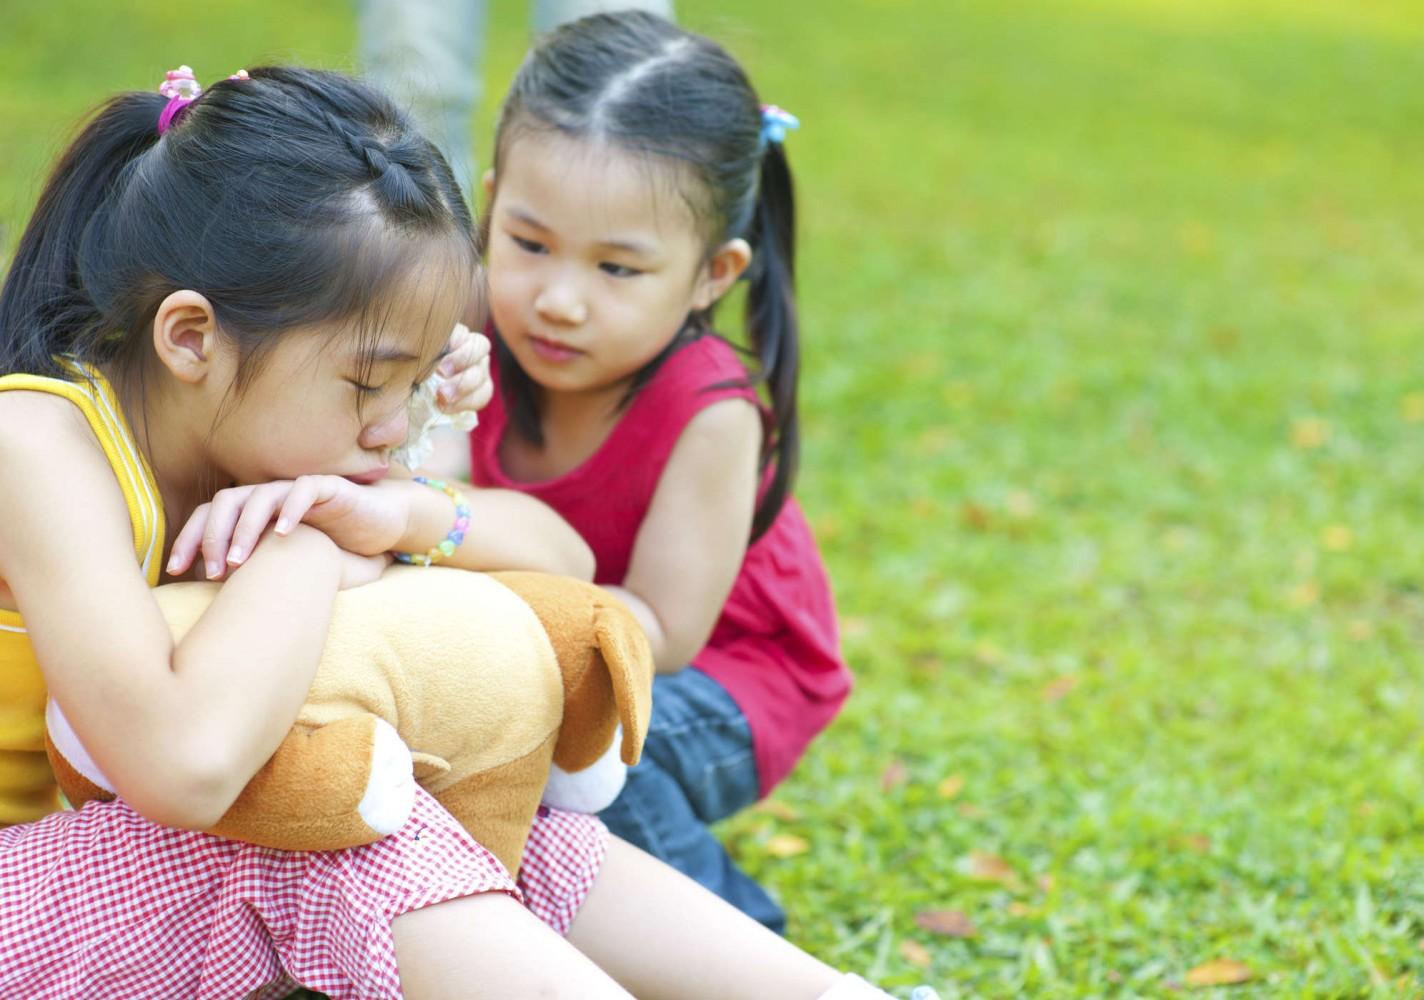 Thói quen gây hại cho mọi đứa trẻ mà bố mẹ nào cũng từng mắc phải, thậm chí còn làm hàng ngày vì nghĩ đó là thương con - Ảnh 2.